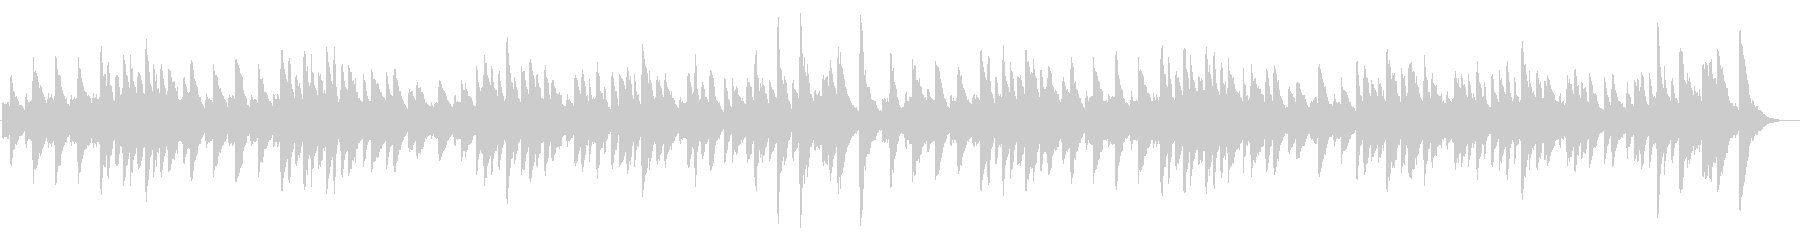 ジムノペティ ピアノソロbpm84の未再生の波形